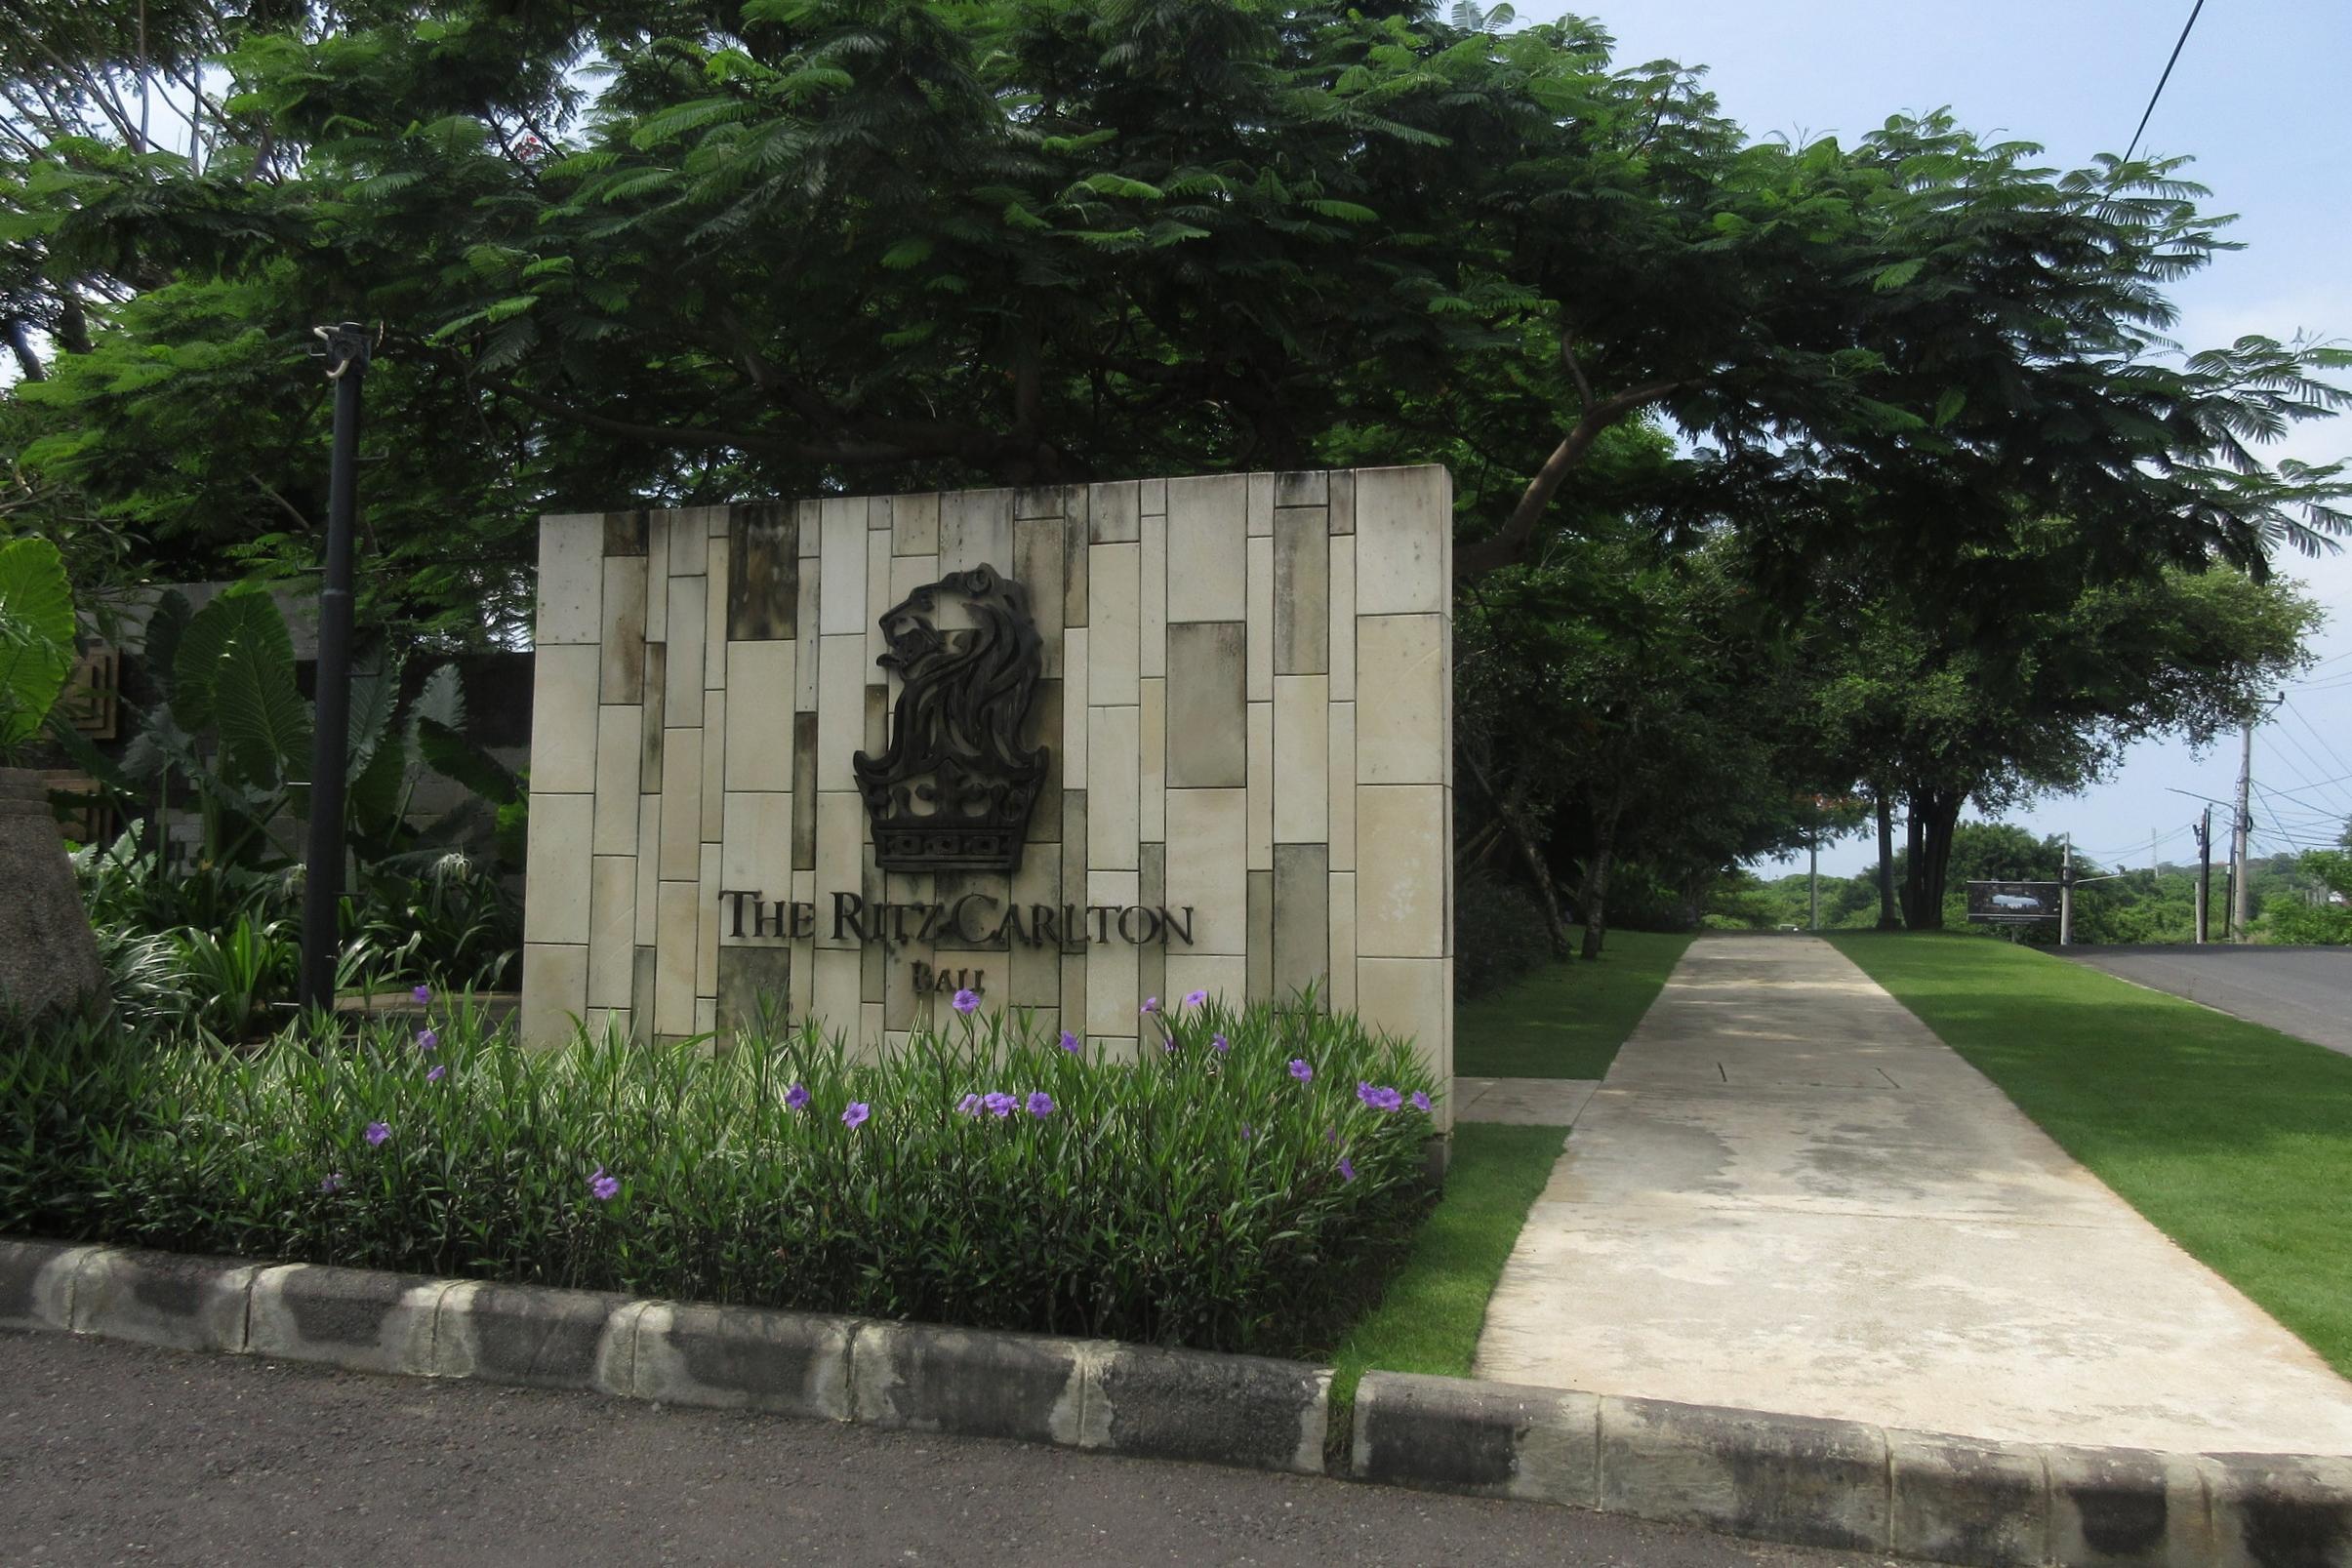 The Ritz-Carlton, Bali – Entrance sign